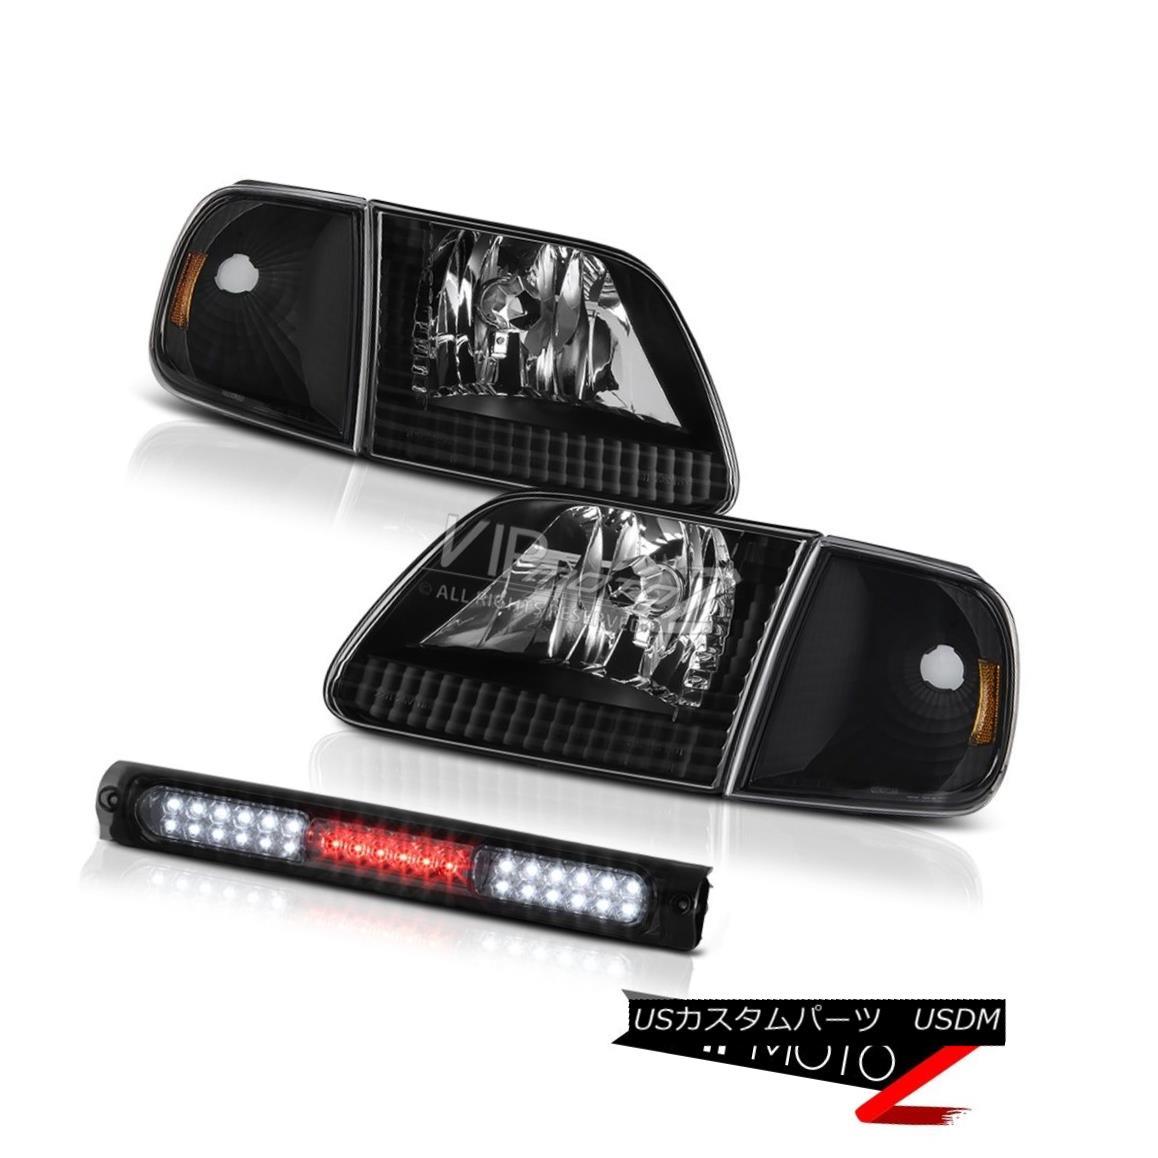 ヘッドライト Pair Black Headlights Inky Corner Smoke 3rd Brake LED 97-03 F150 Flareside 5.4L ペアブラックヘッドライトインキコーナー煙第3ブレーキLED 97-03 F150フラレージド5.4L